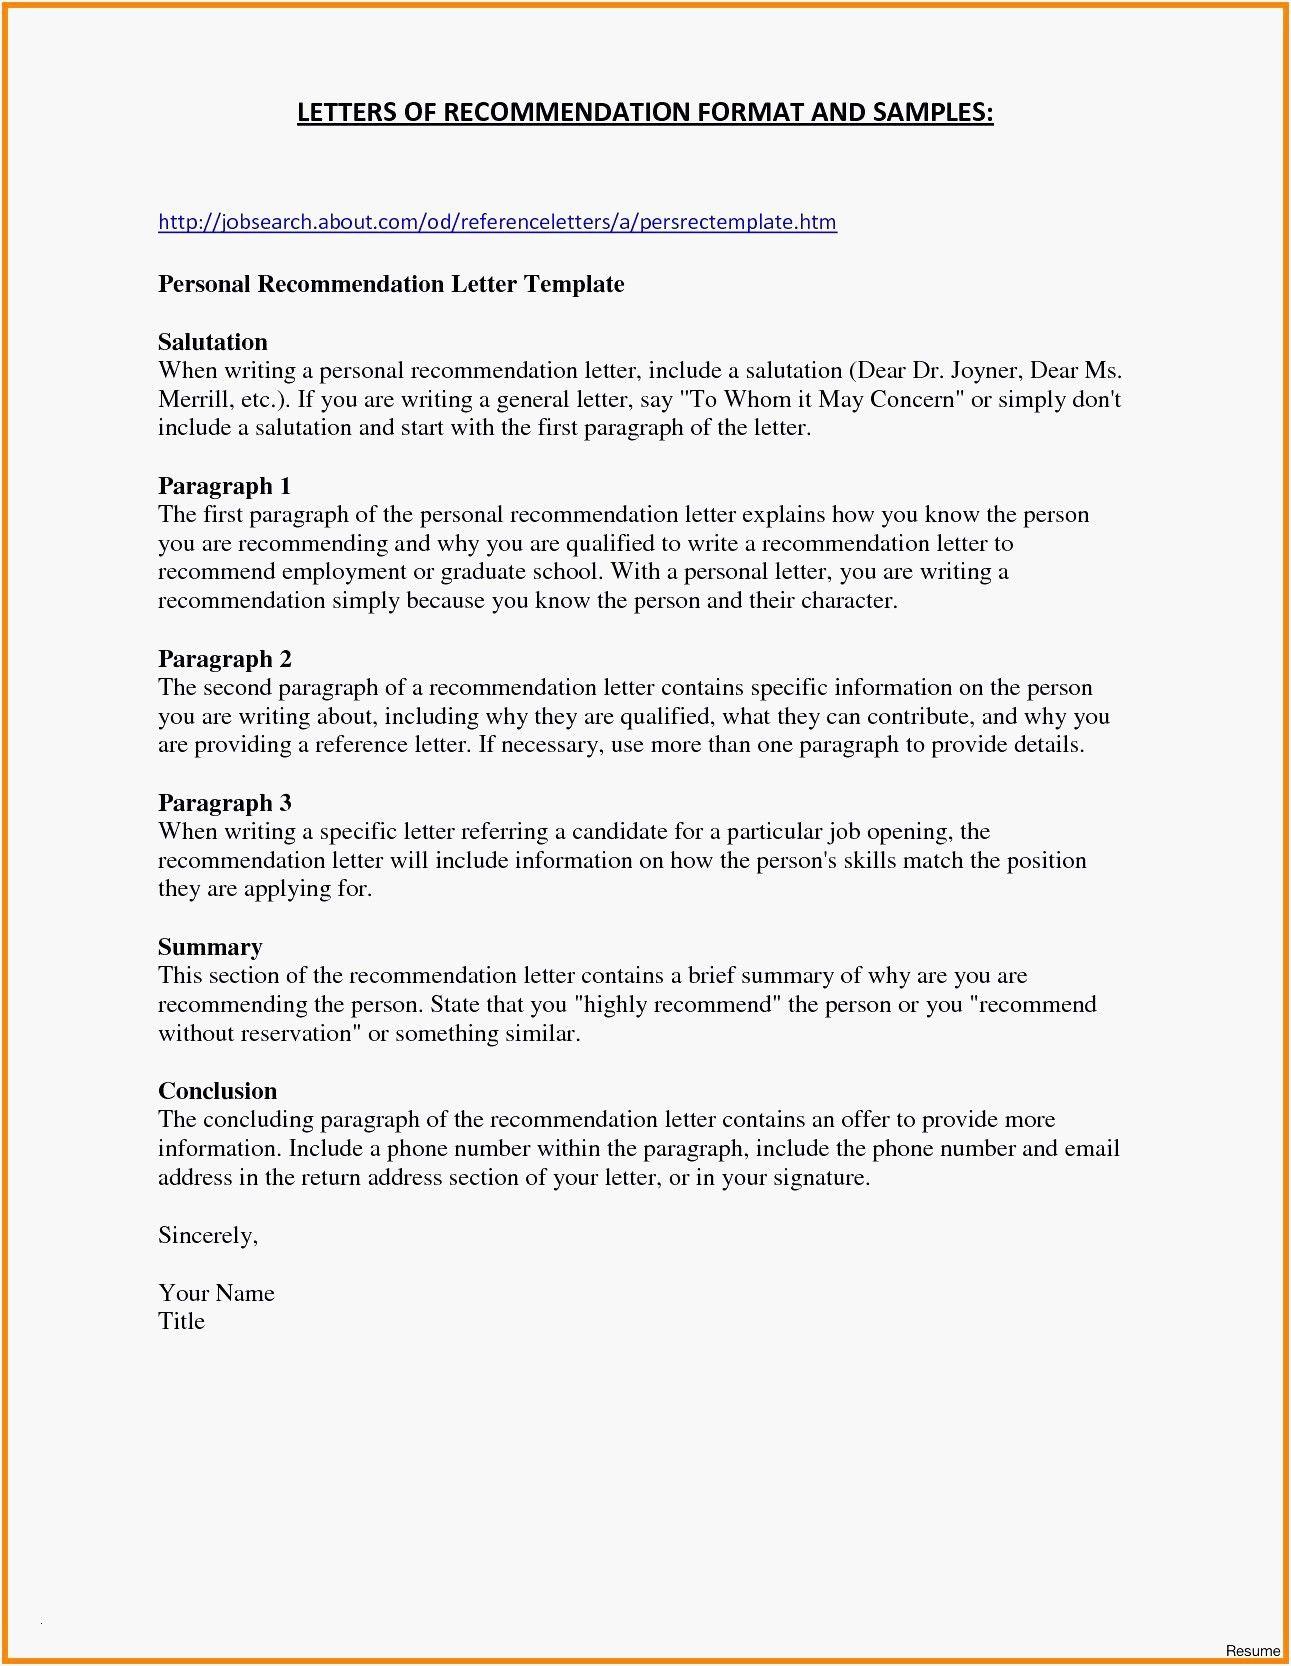 Neu Bewerbung Per Email Muster Kostenlos Briefprobe Briefformat Briefvorlage Lebenslauf Muster Bewerbung Anschreiben Muster Lebenslauf